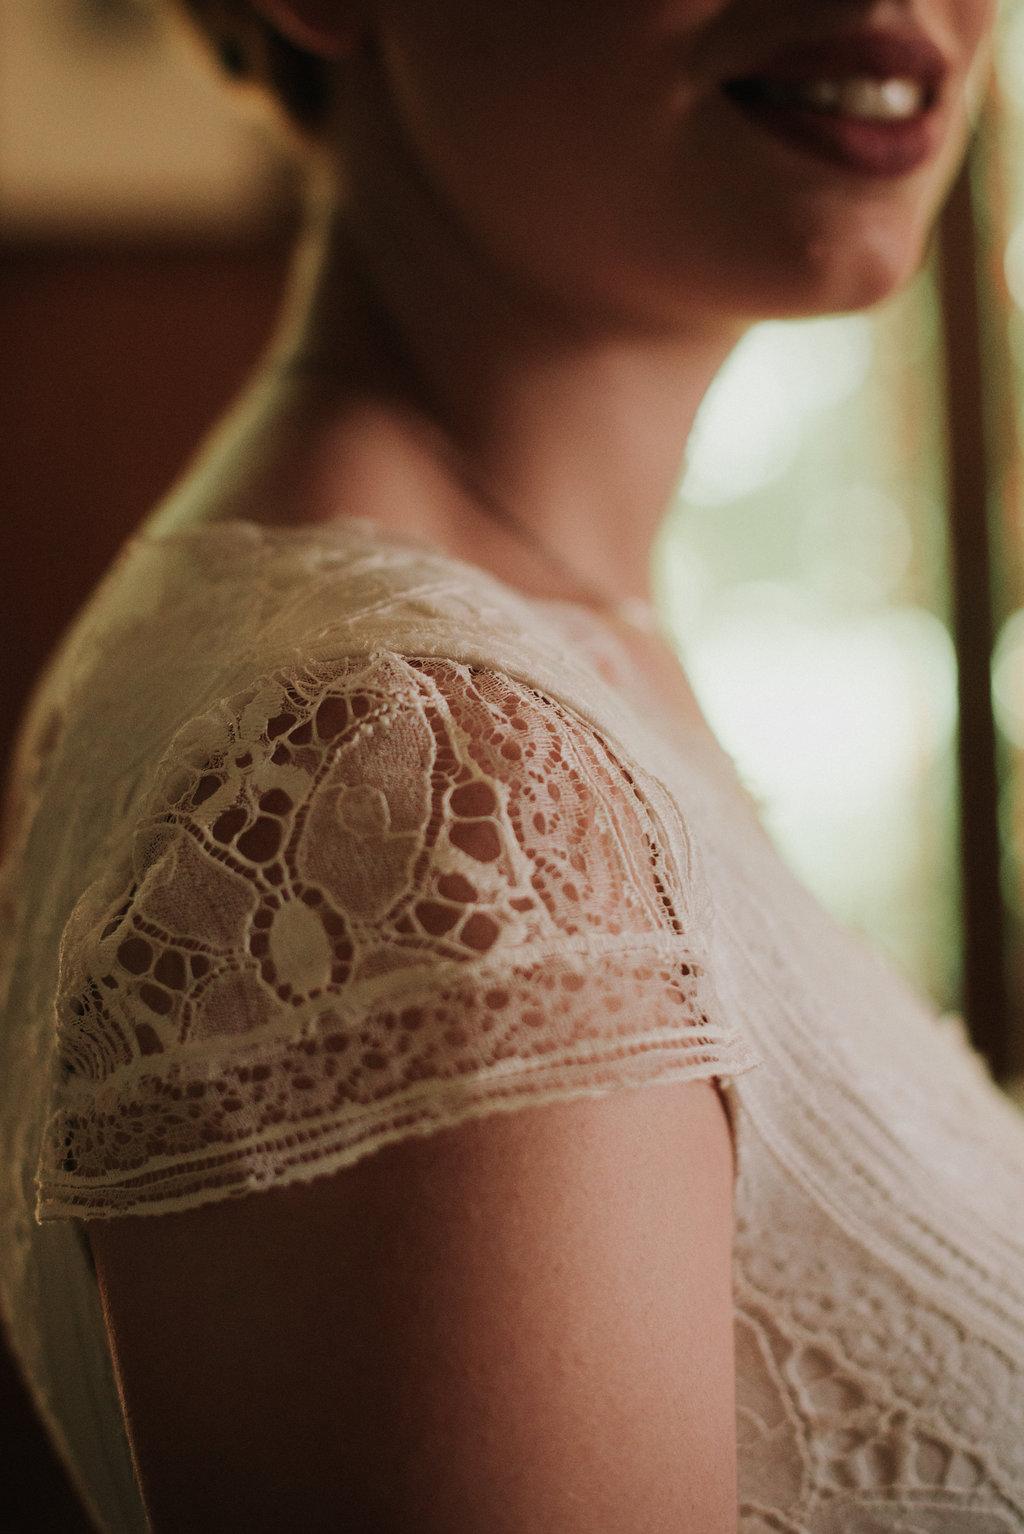 Léa-Fery-photographe-professionnel-lyon-rhone-alpes-portrait-creation-mariage-evenement-evenementiel-famille-7174.jpg